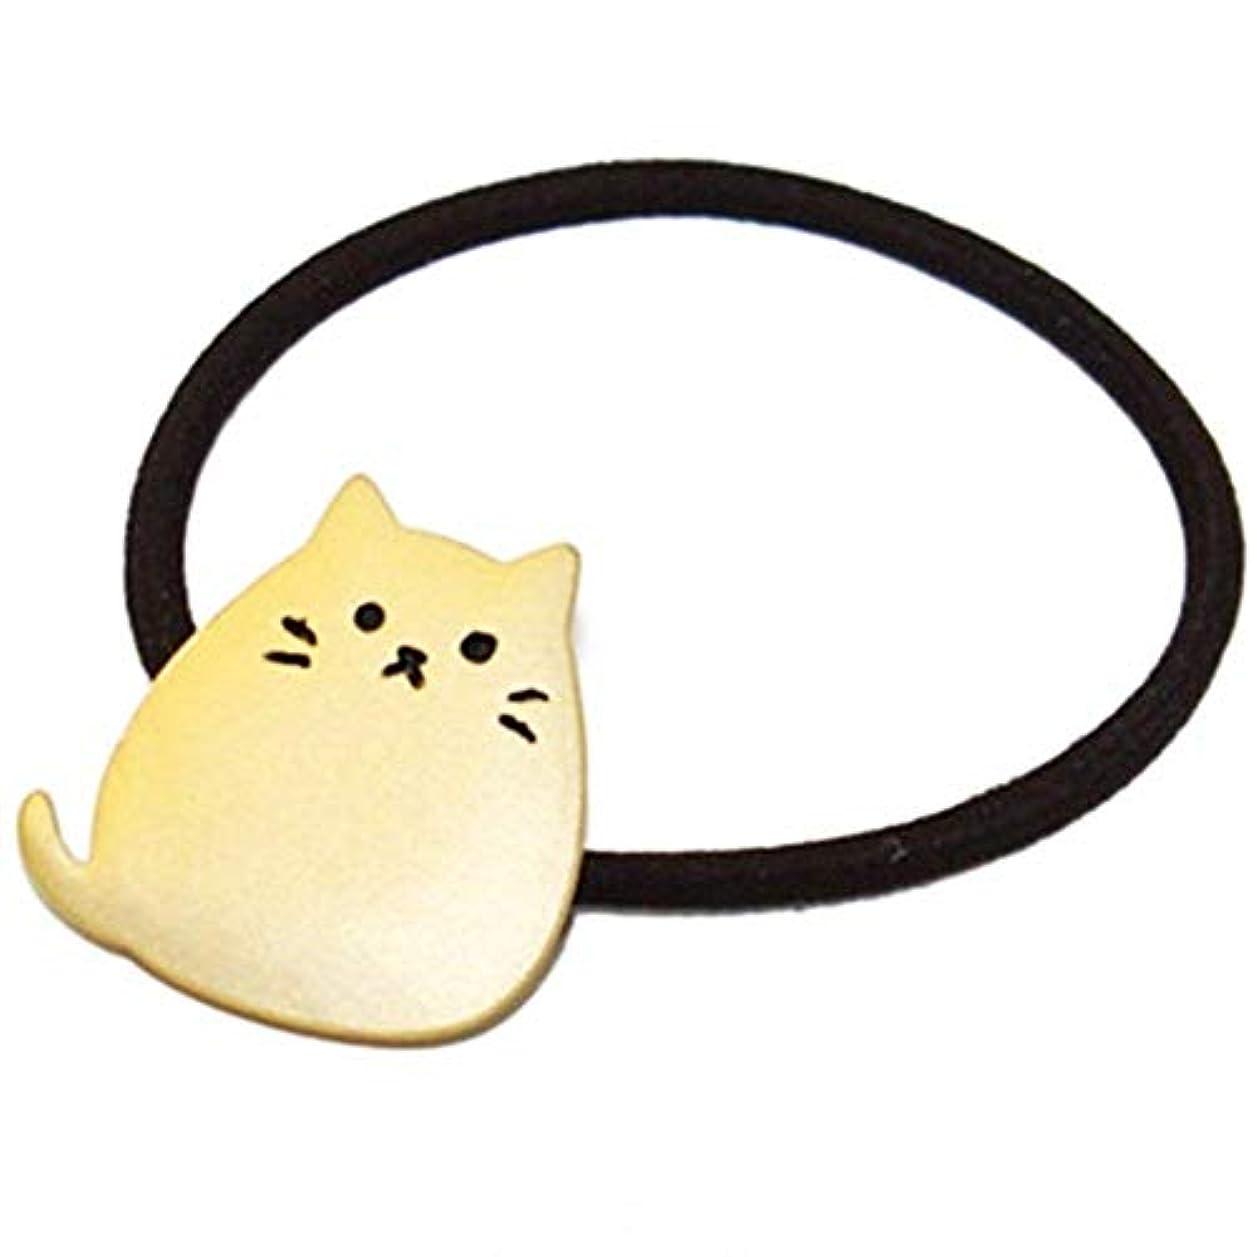 バーベキューアヒル元に戻すOnior ヘアロープ 弾性 リボン 髪飾り ヘアネクタイ 猫形 金属 メッキ 1ピース ゴールデン